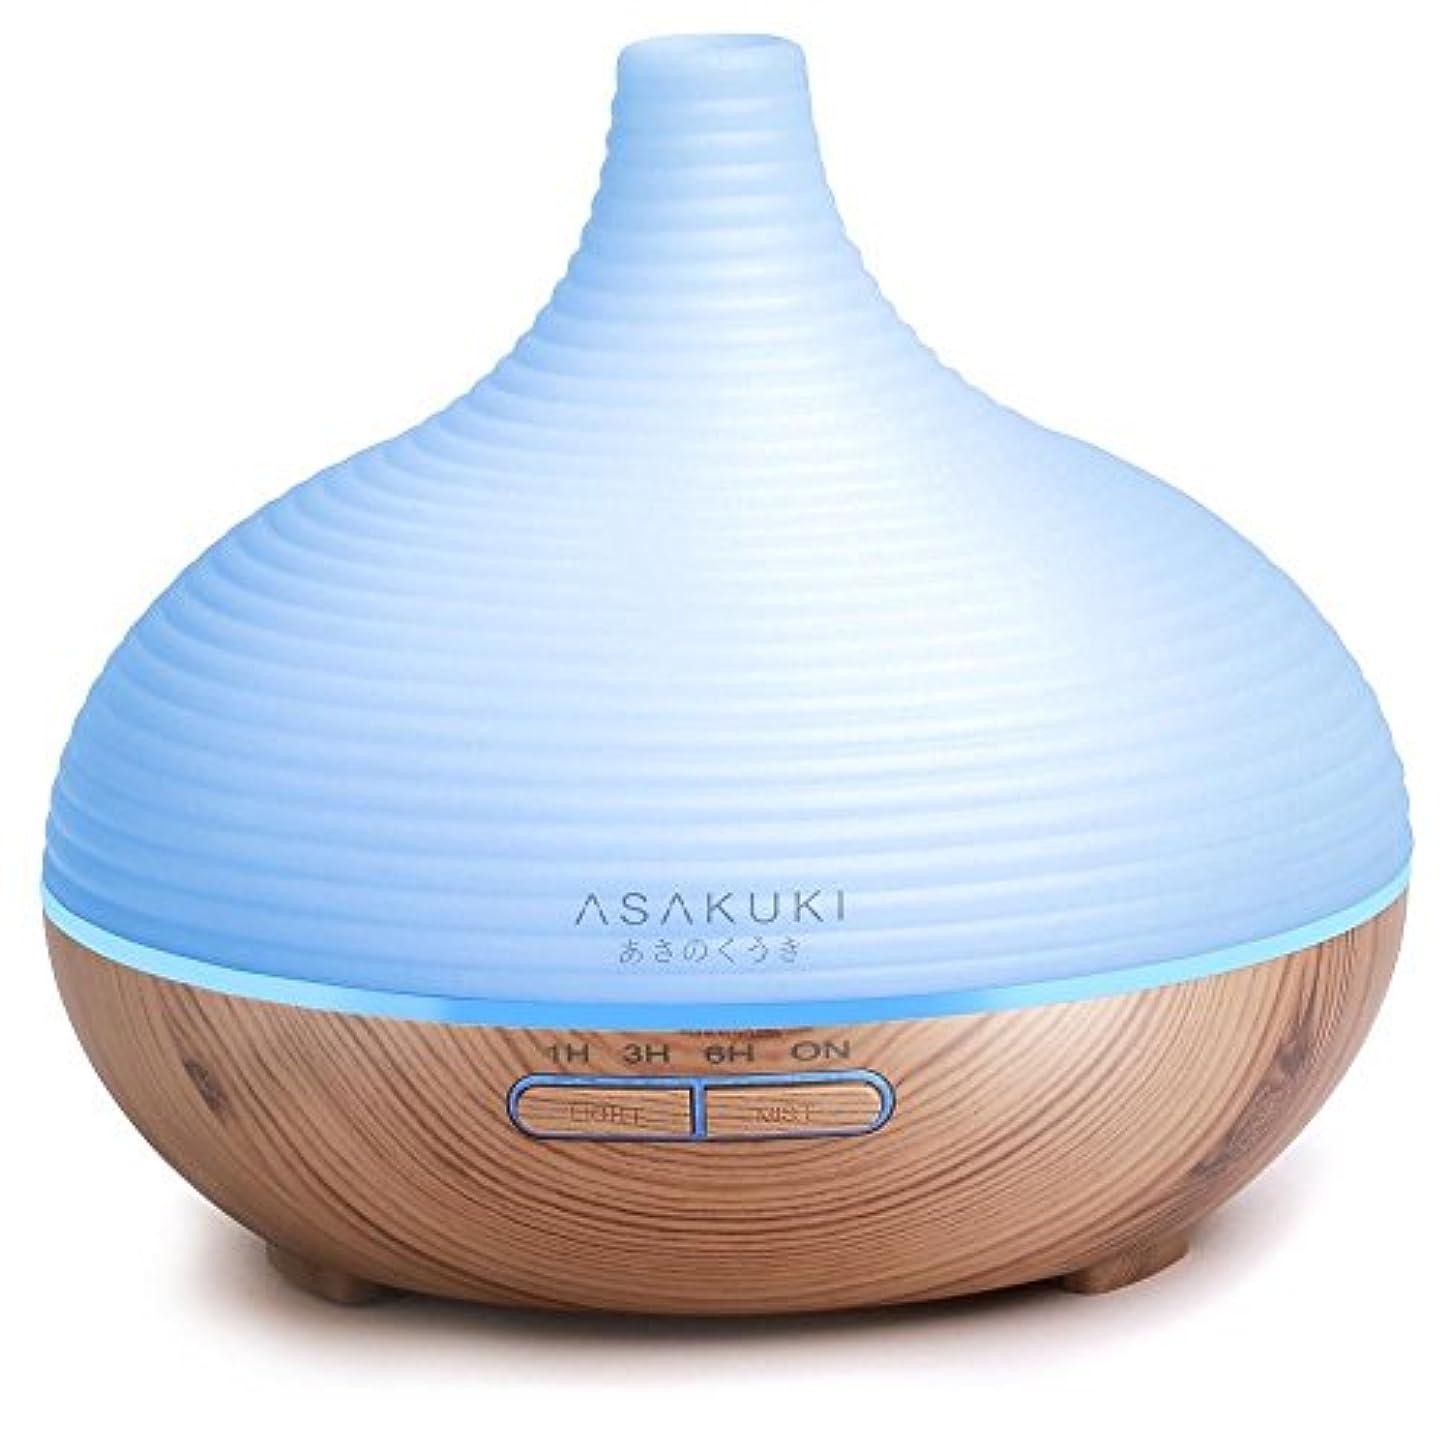 迷信上向き賛美歌asakuki 300 mlプレミアム、Essential Oil Diffuser、静かな5 - in - 1加湿器、自然Home Fragrance Diffuser with 7 LEDの色変更ライトと簡単にクリーン...